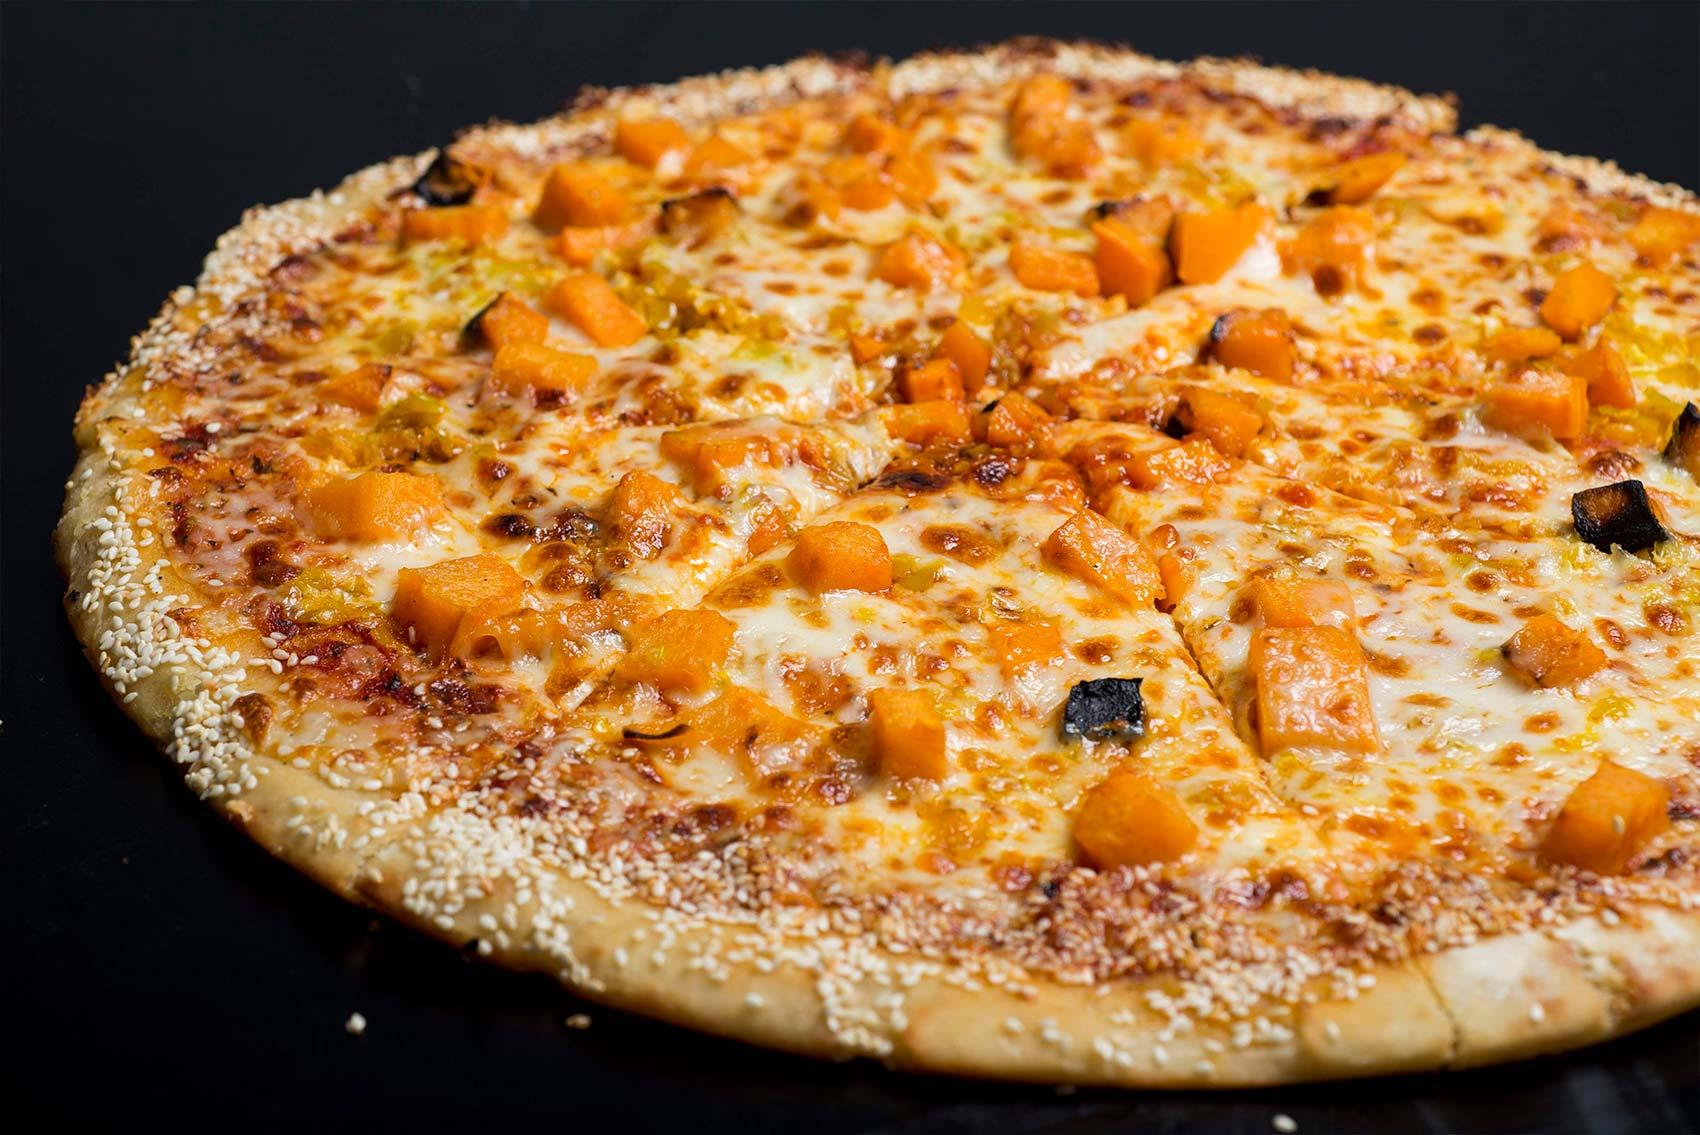 פיצה fix עם בטטה וקראסט שומשום